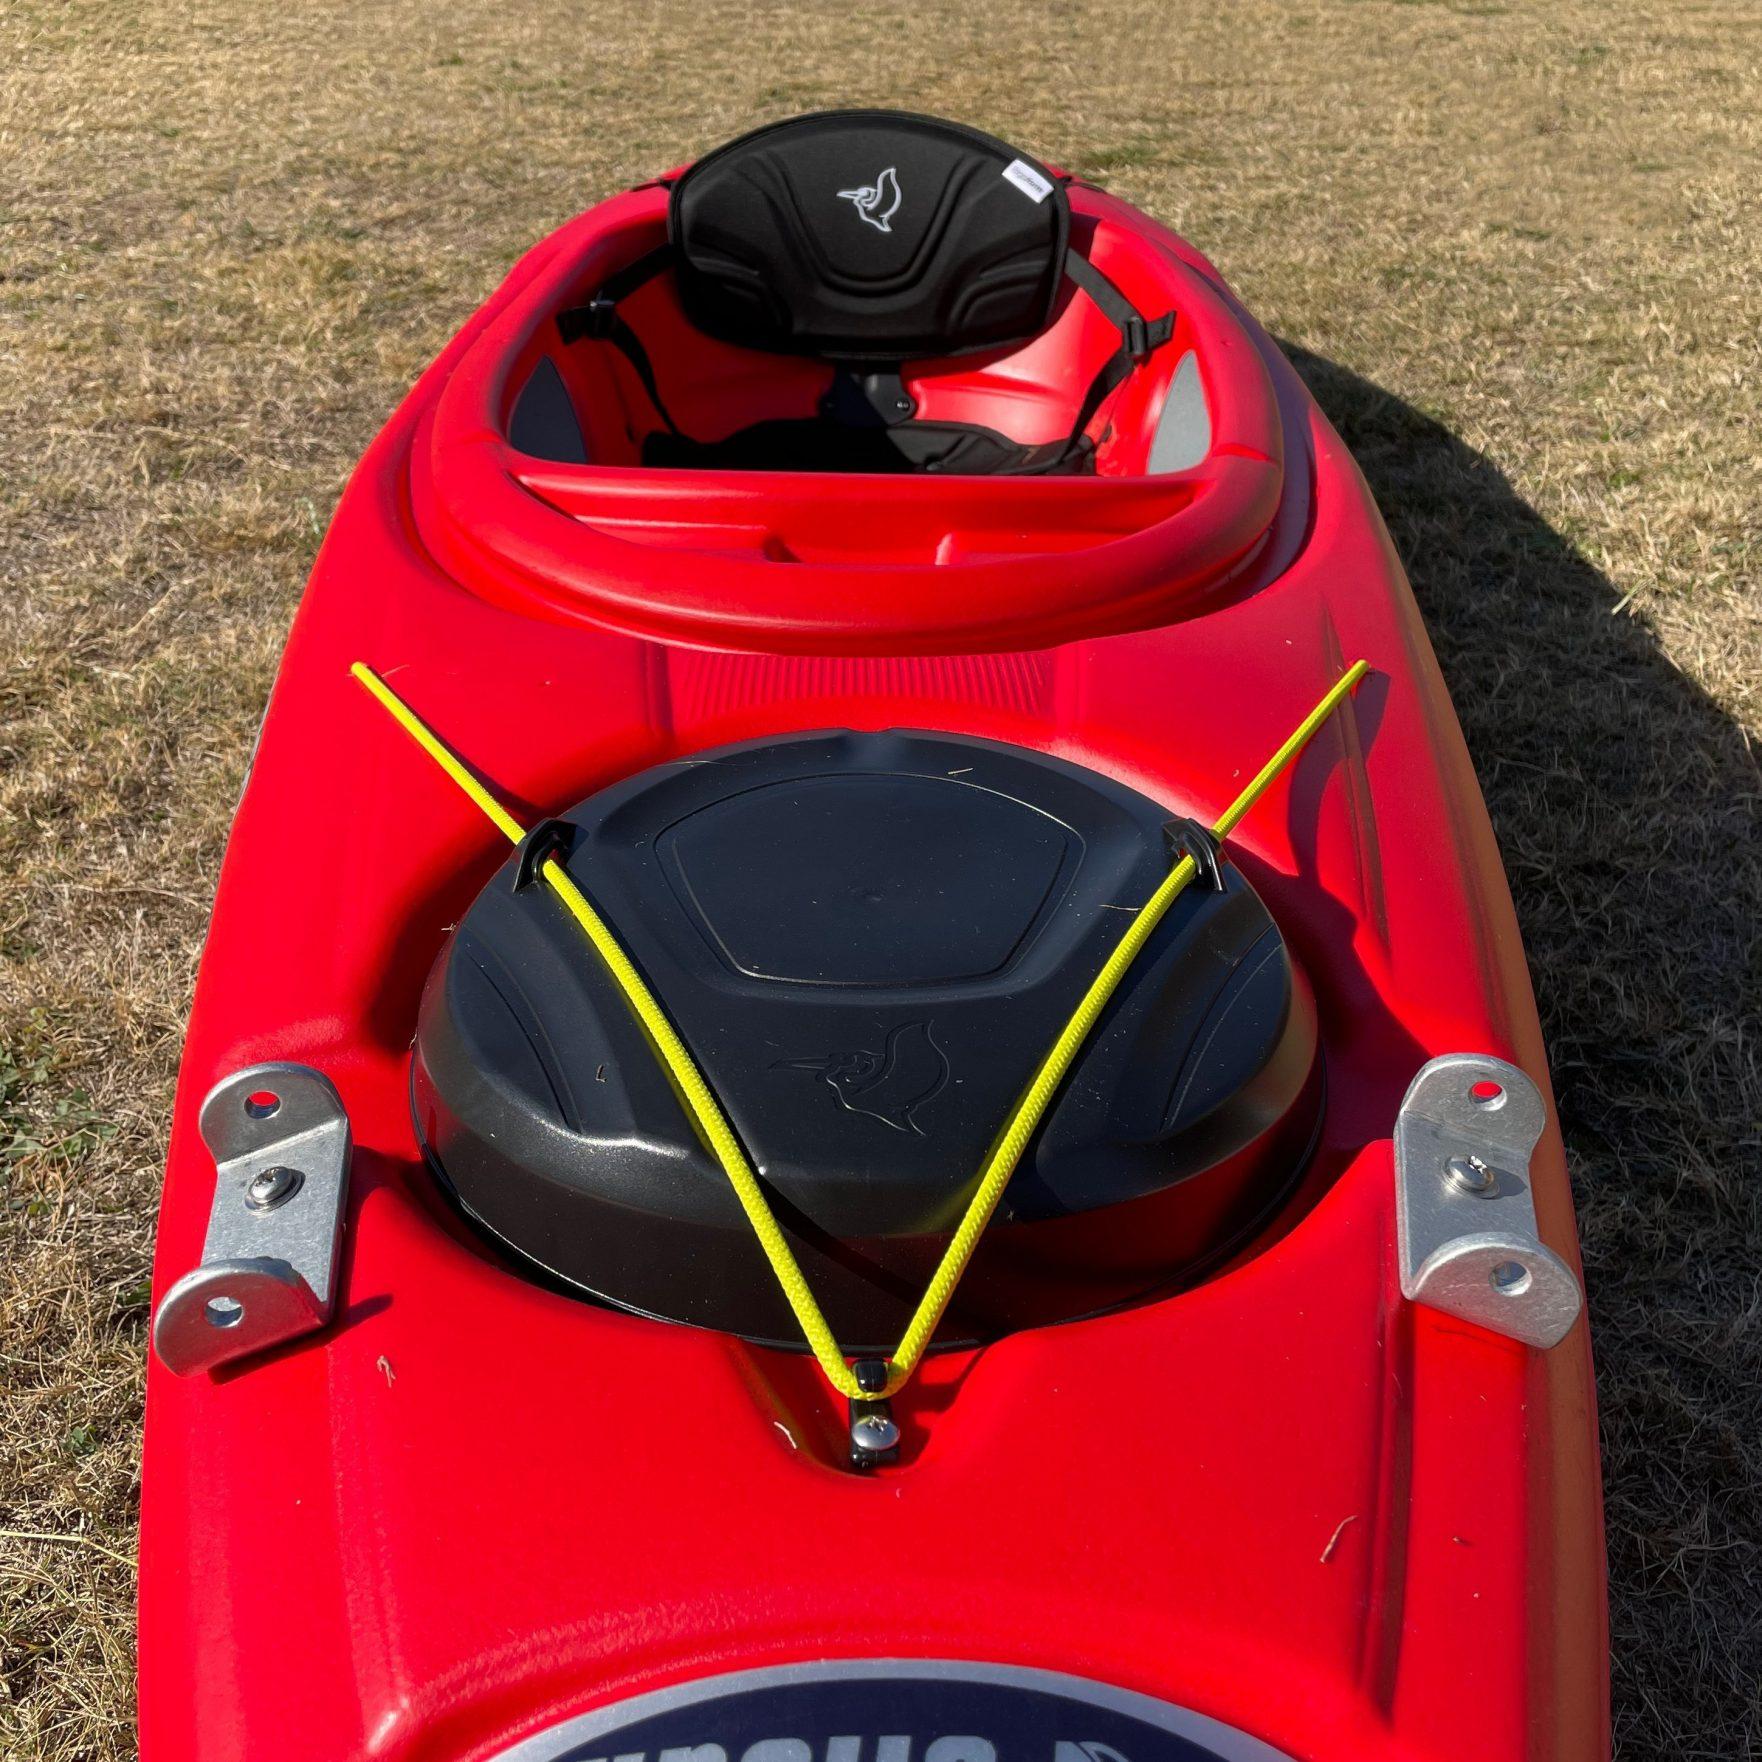 Bold Ivy Kayak Stabilizer Installation – Step 9